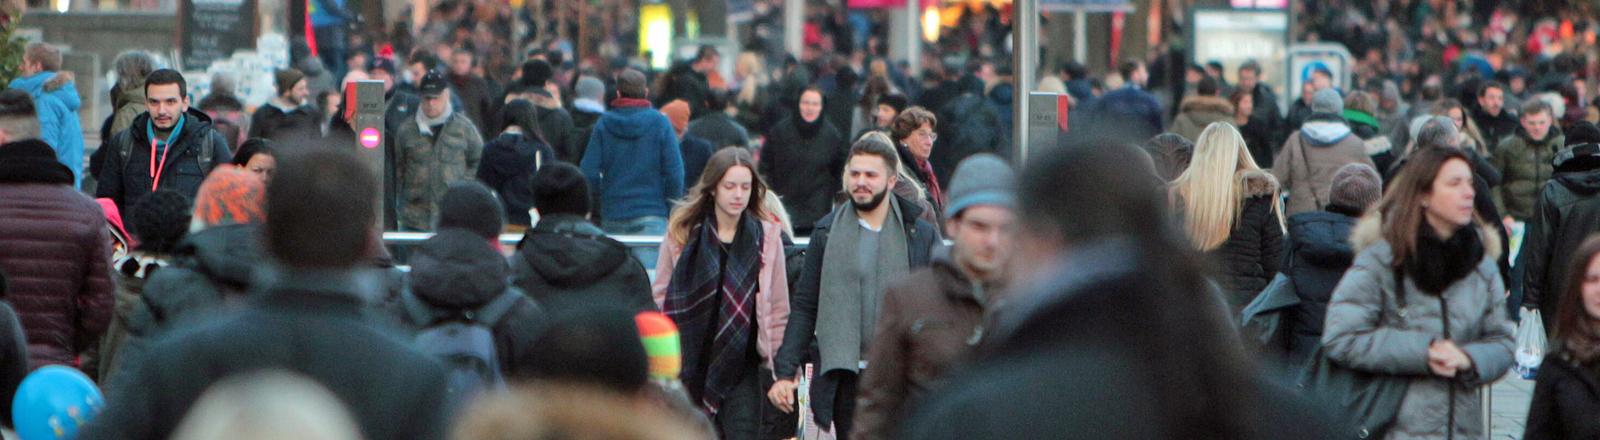 Menschenansammlung in der Stuttgarter Innenstadt,